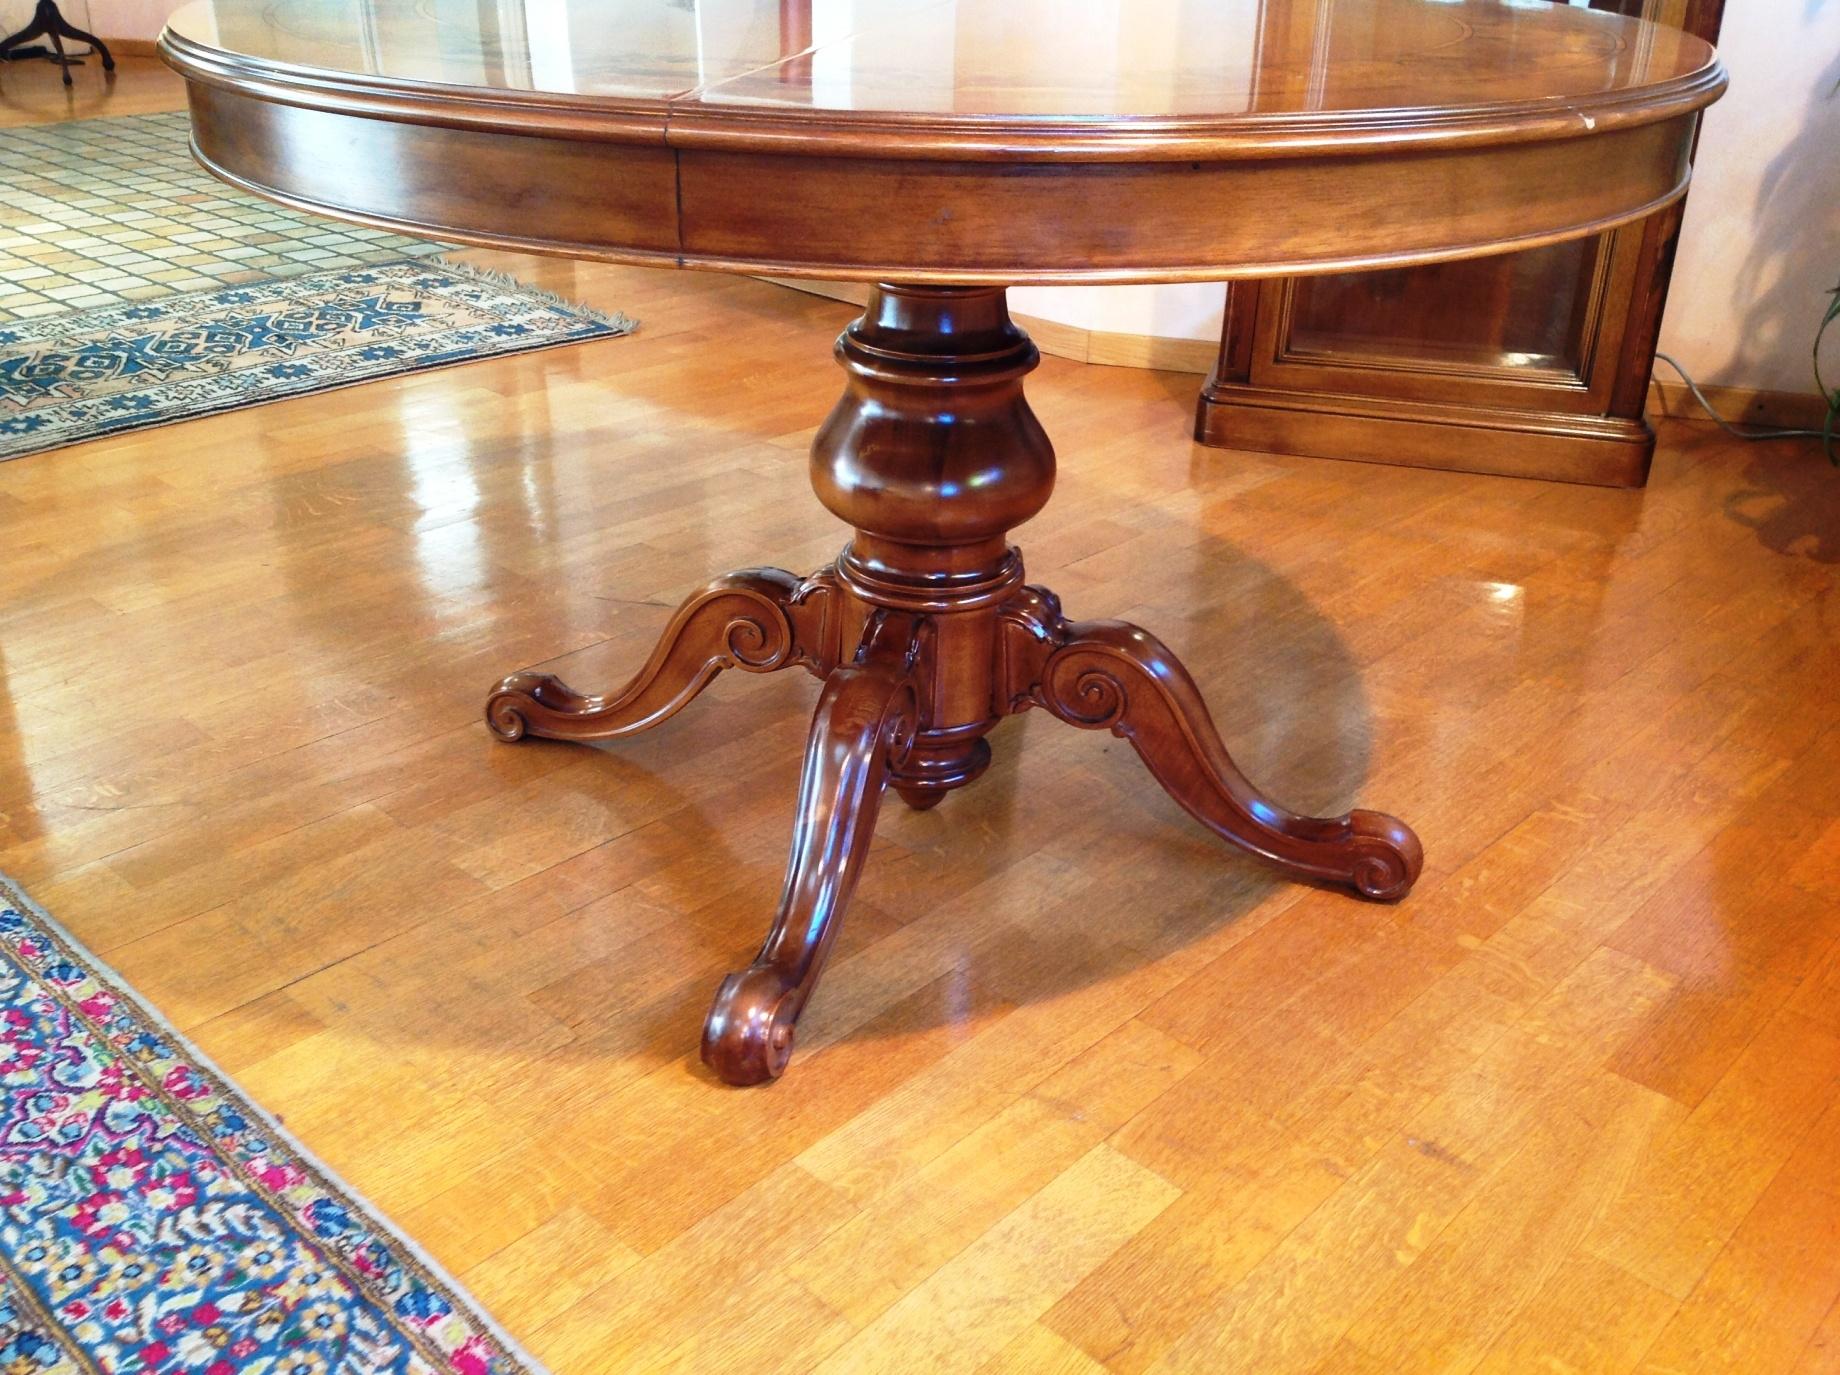 Tavolo artigianale diametro 120 allungabile in legno stile classico con bordo radica tavoli a - Tavolo rotondo vetro diametro 120 ...